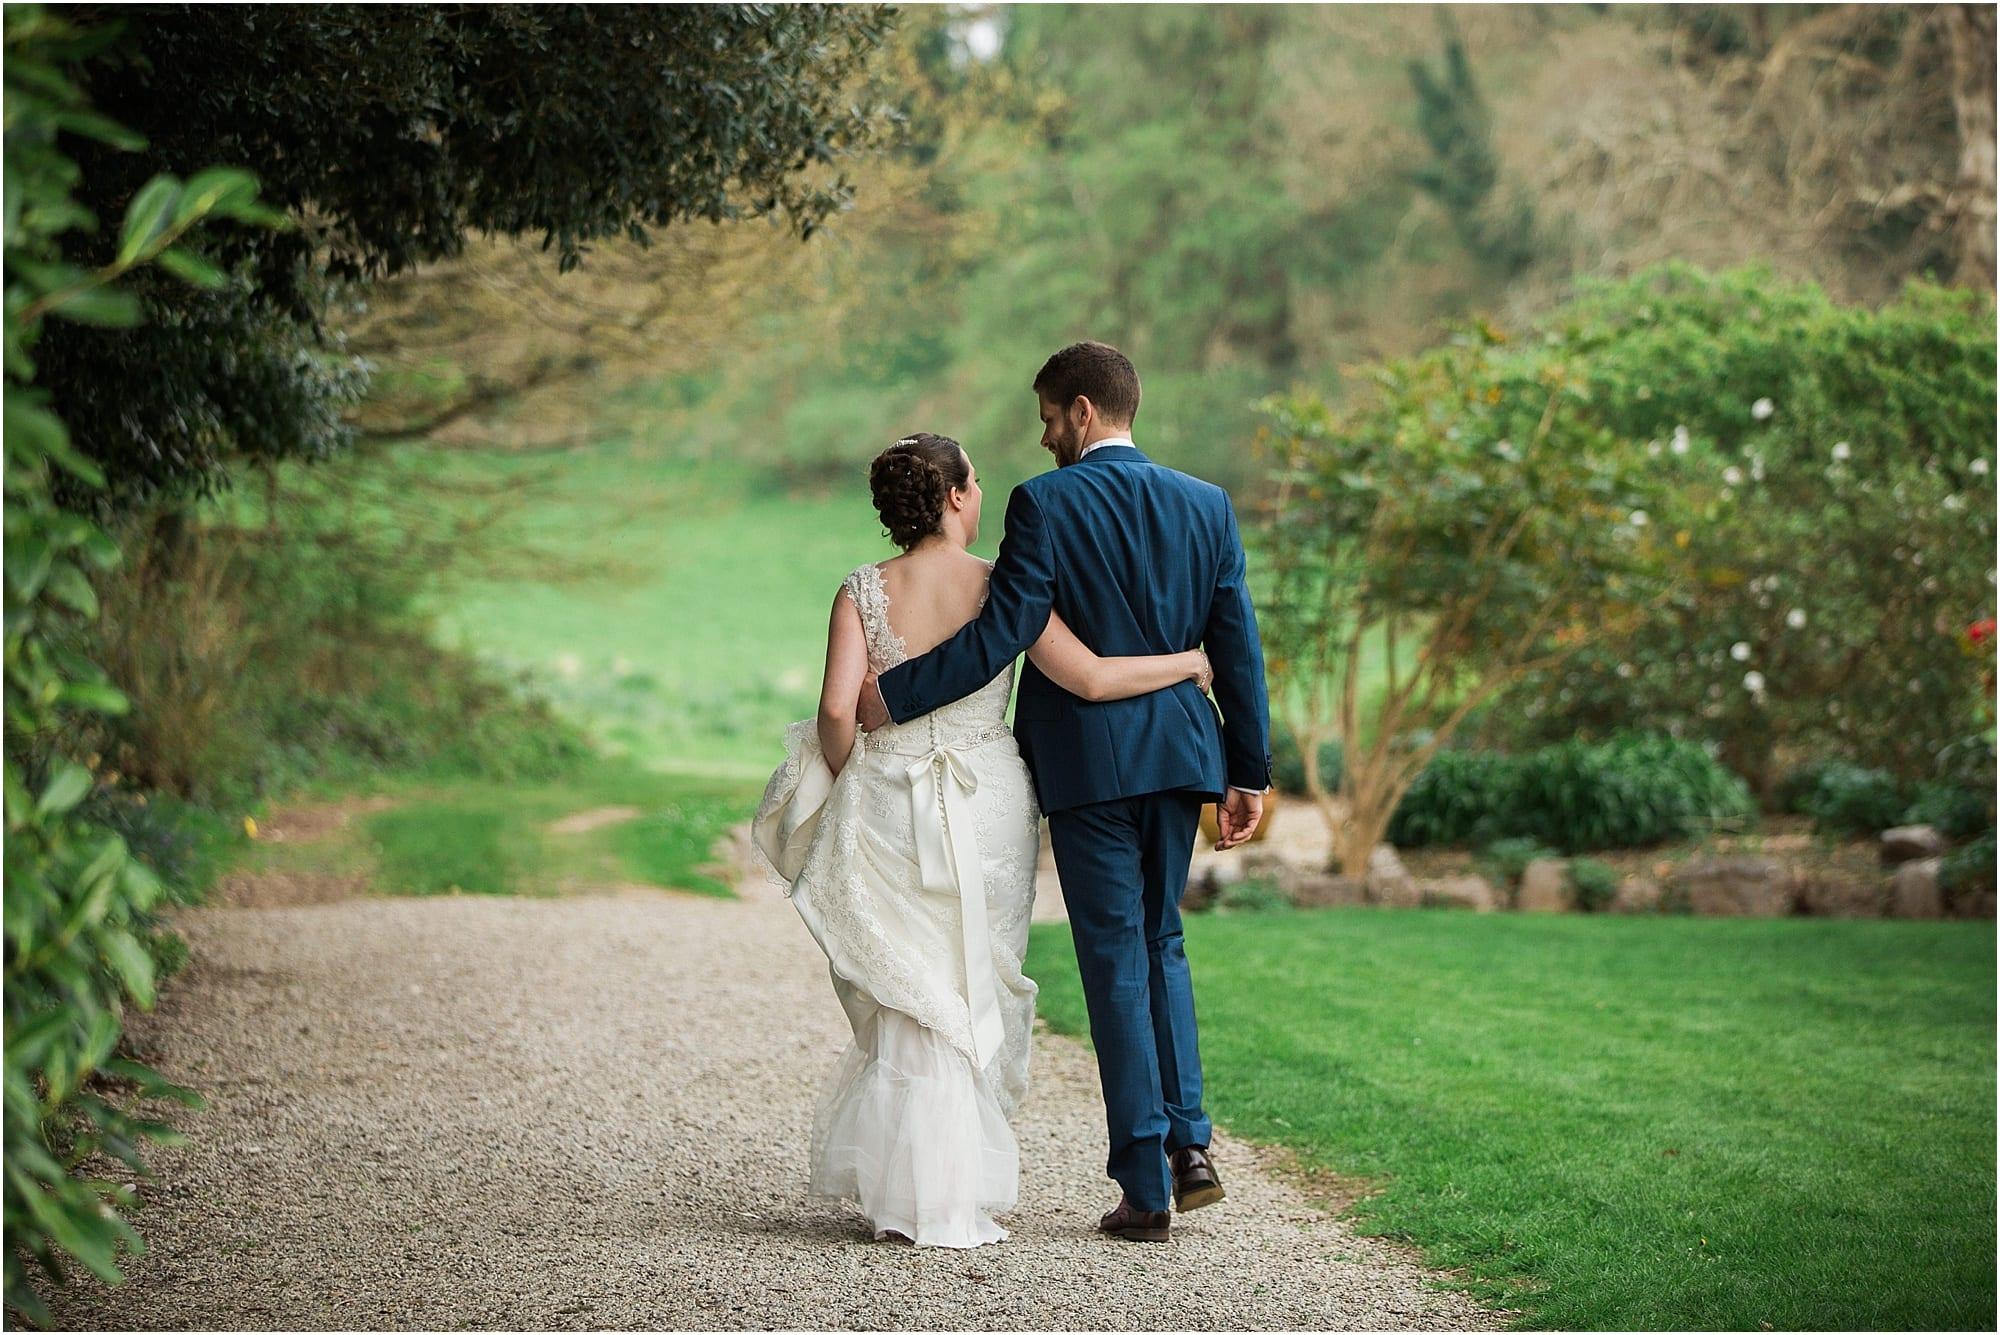 Claire & Ryan's Fairytale Kitley wedding